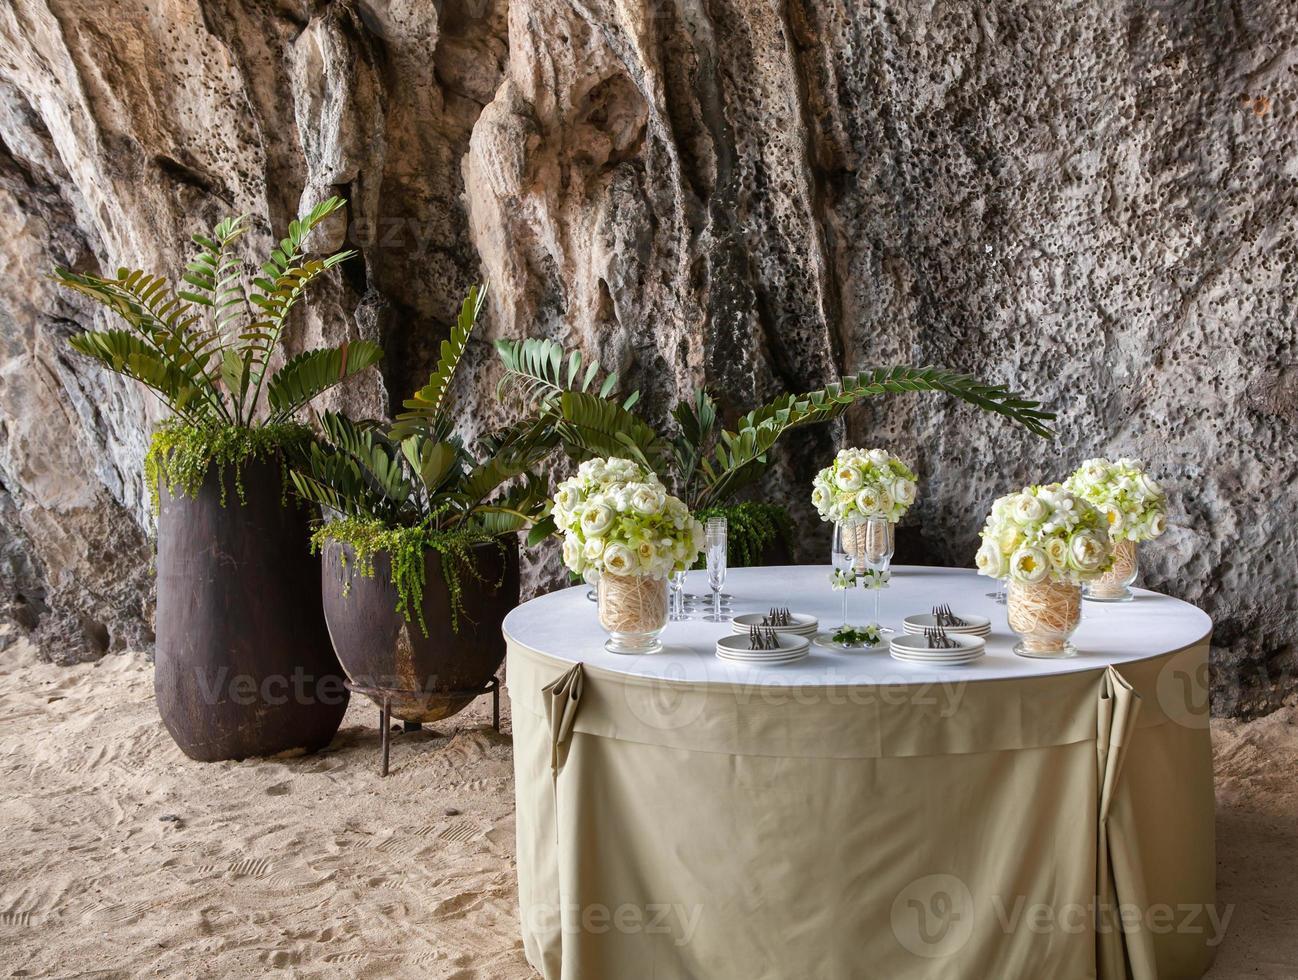 composizione floreale a una cerimonia di matrimonio sulla spiaggia. foto